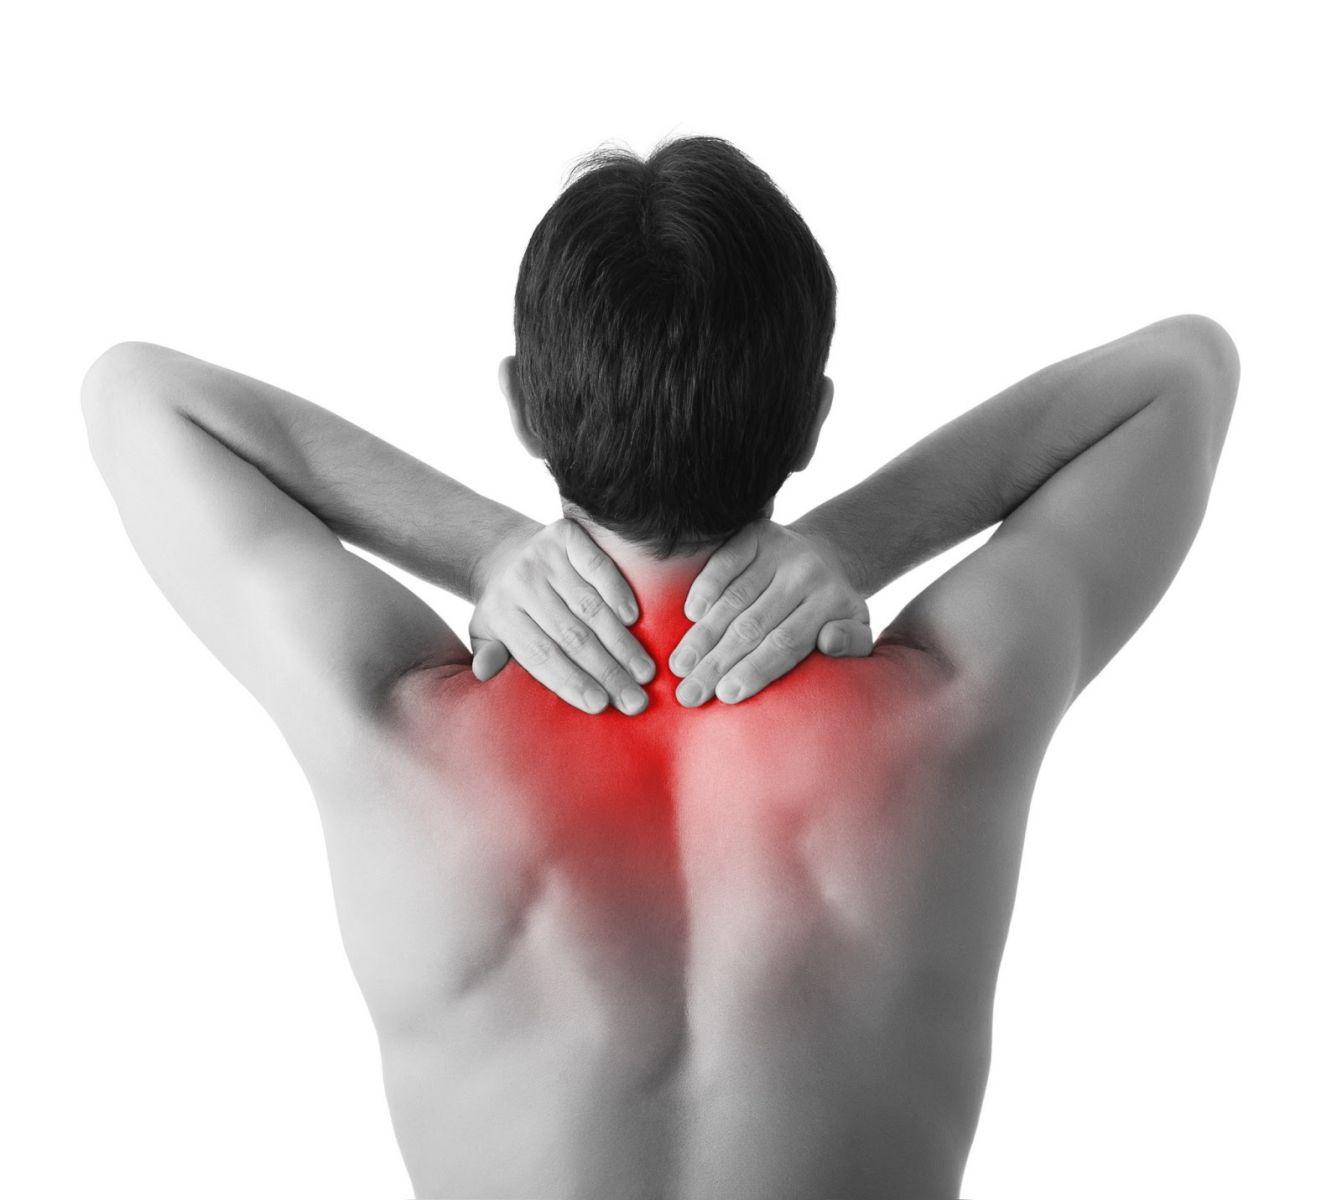 不痛,也可能有颈椎病 出现这些征兆要警惕图片